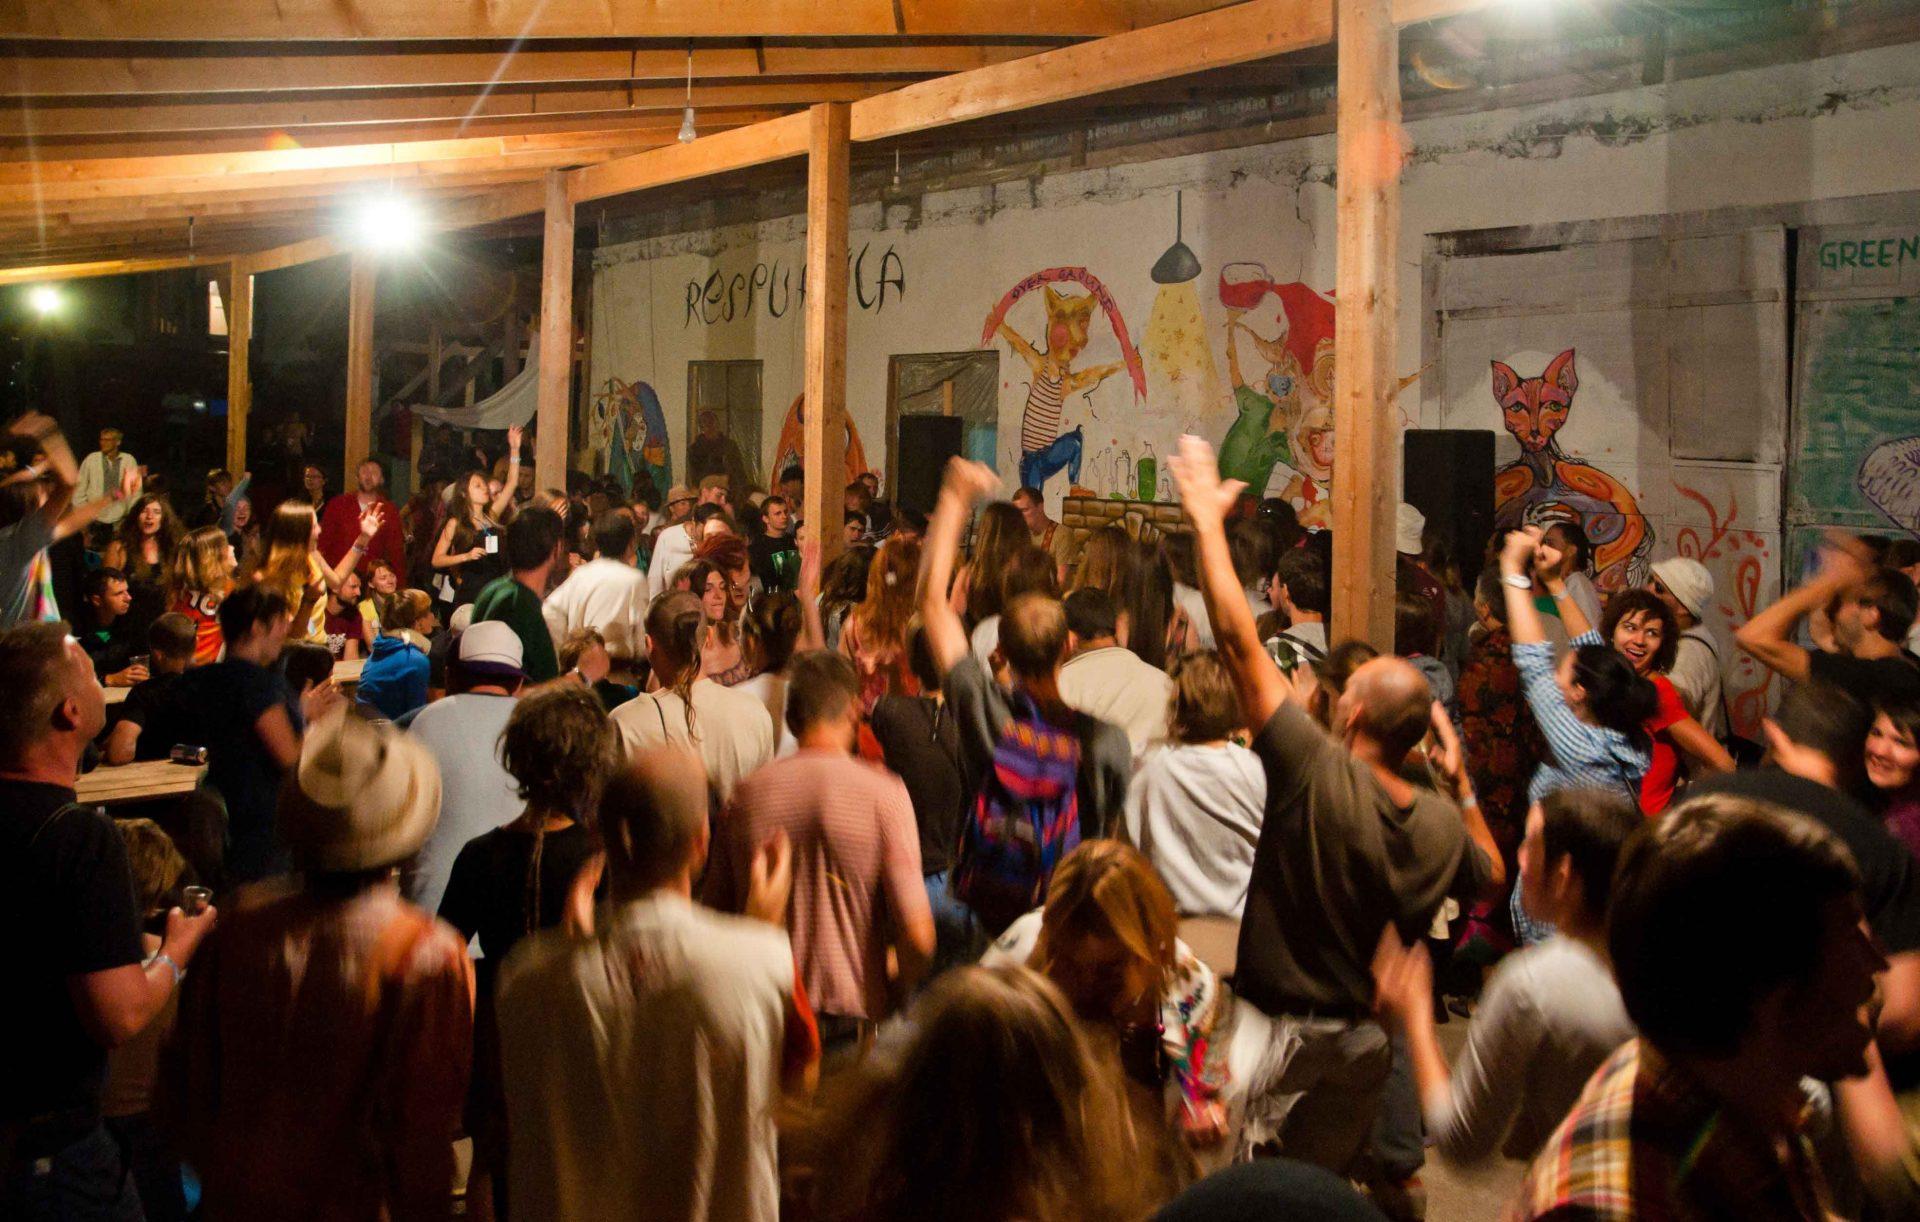 Публіка розважається під дерев'яним накриттям на фестивалі в унежі